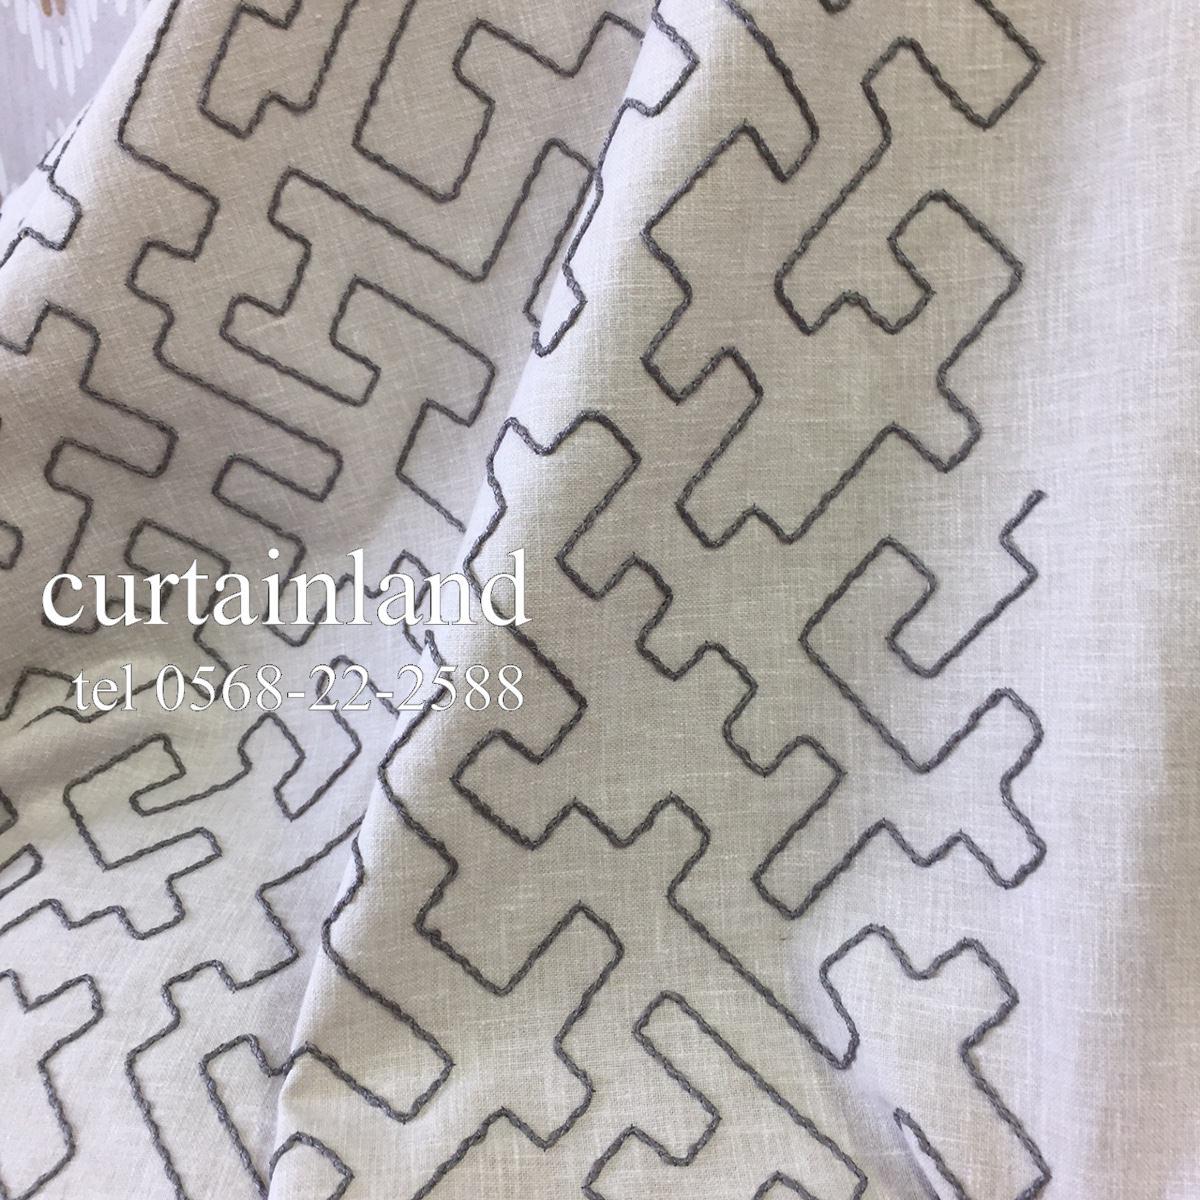 民族紋様コード刺繍カーテン